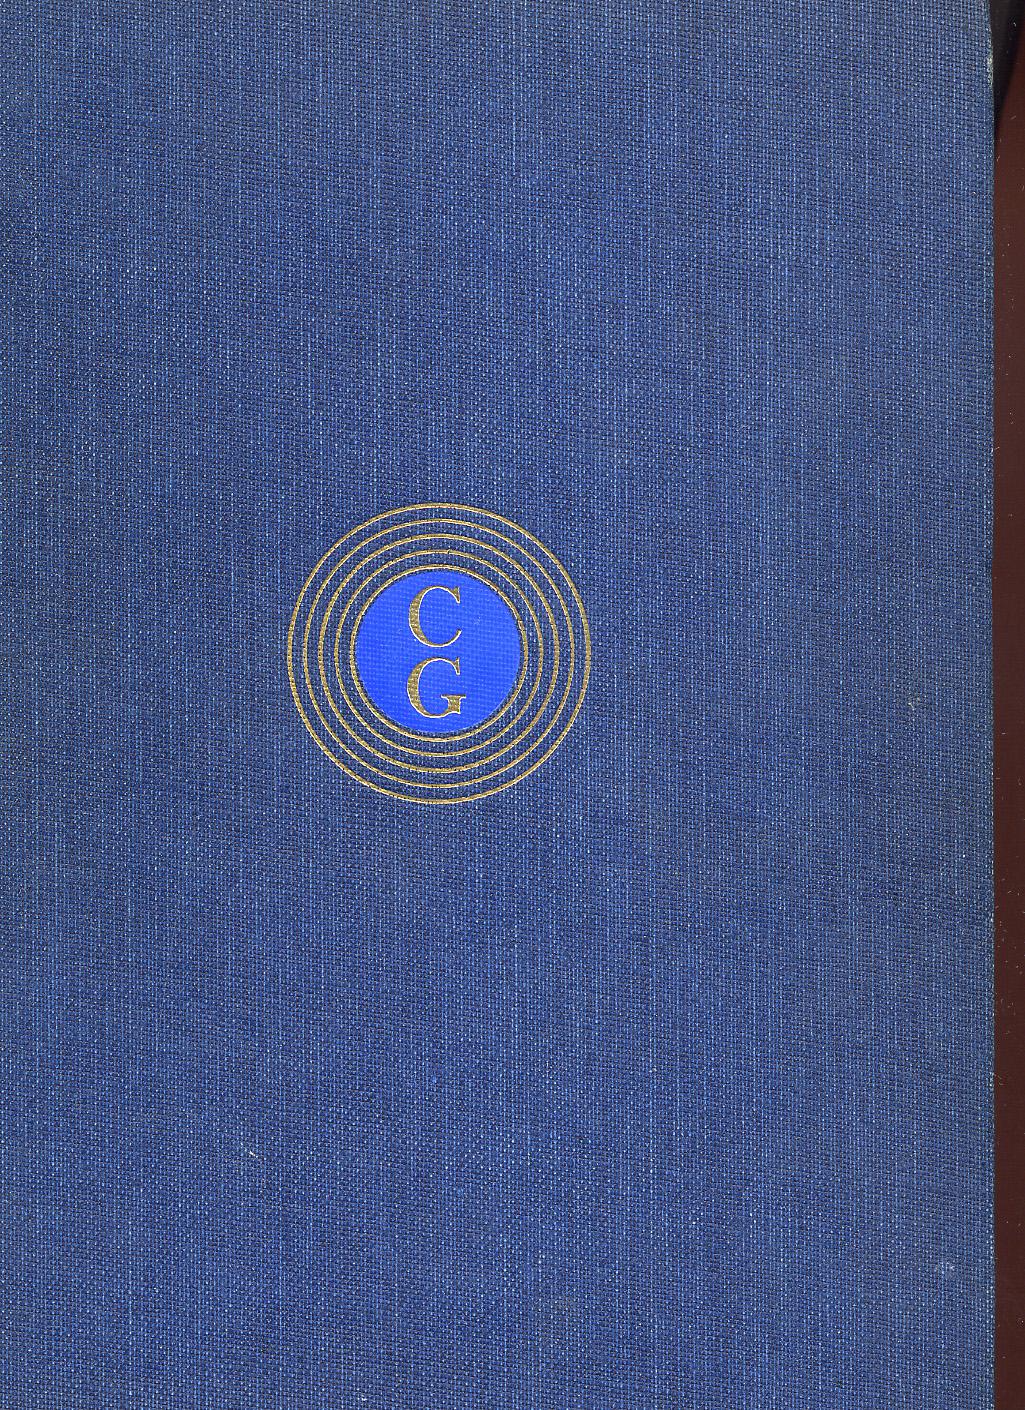 Enciclopedia Garzanti - Vol. II